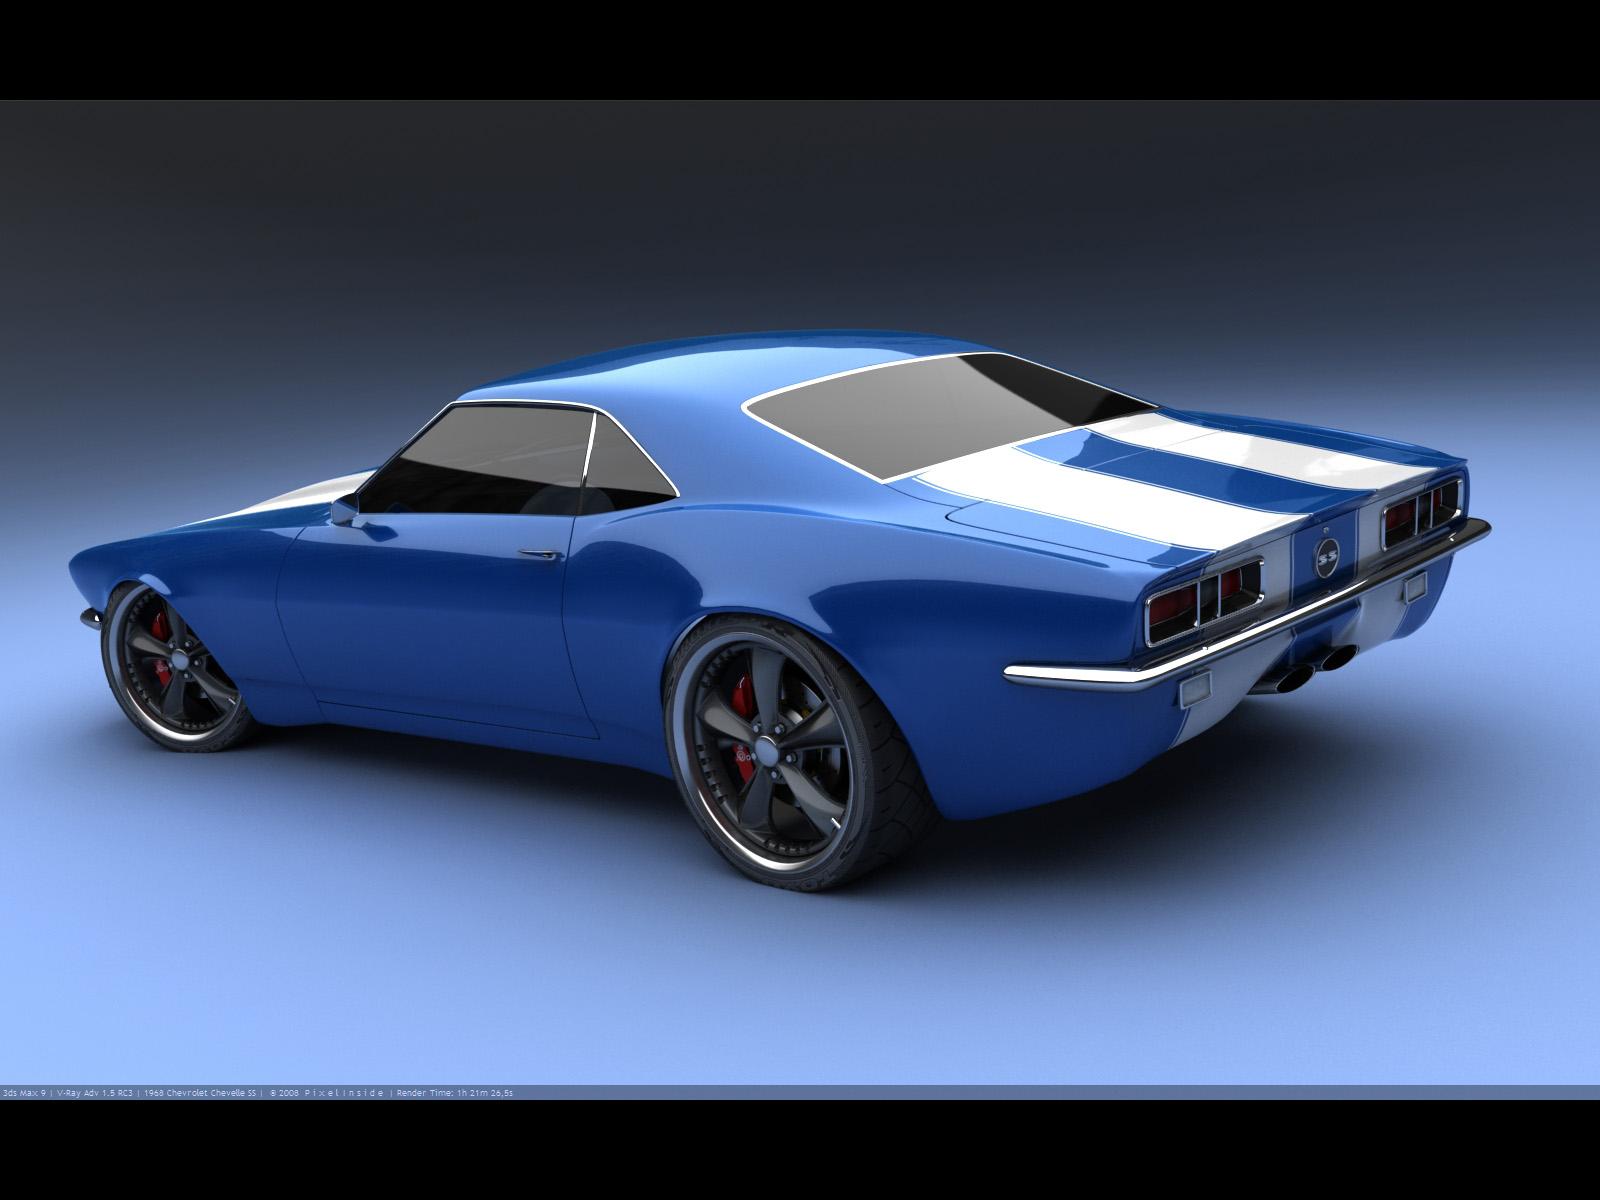 Скачать Chevrolet, Camaro, авто, машины, автомобили, фото, обои